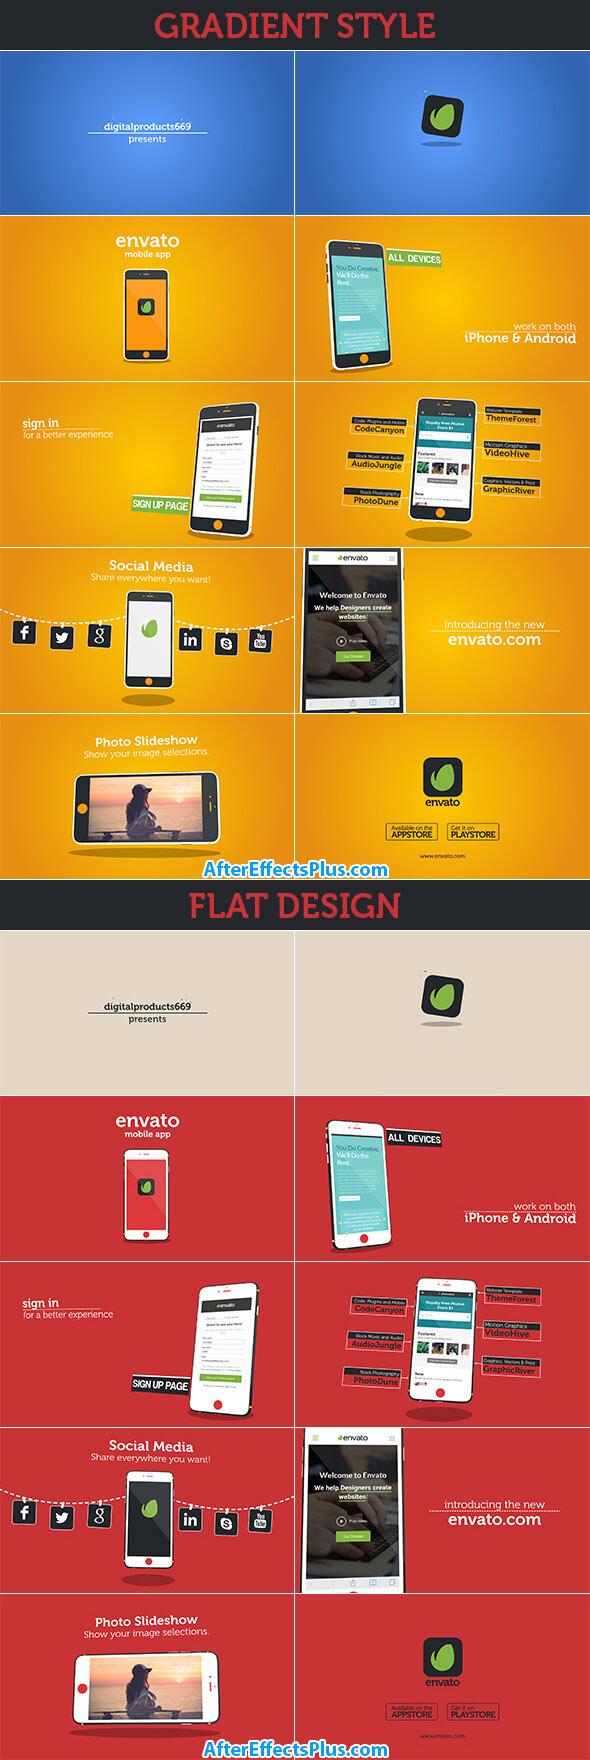 پروژه افتر افکت معرفی اپلیکیشن موبایل اندروید و آیفون - Videohive New Mobile App Presentation iOS & Android